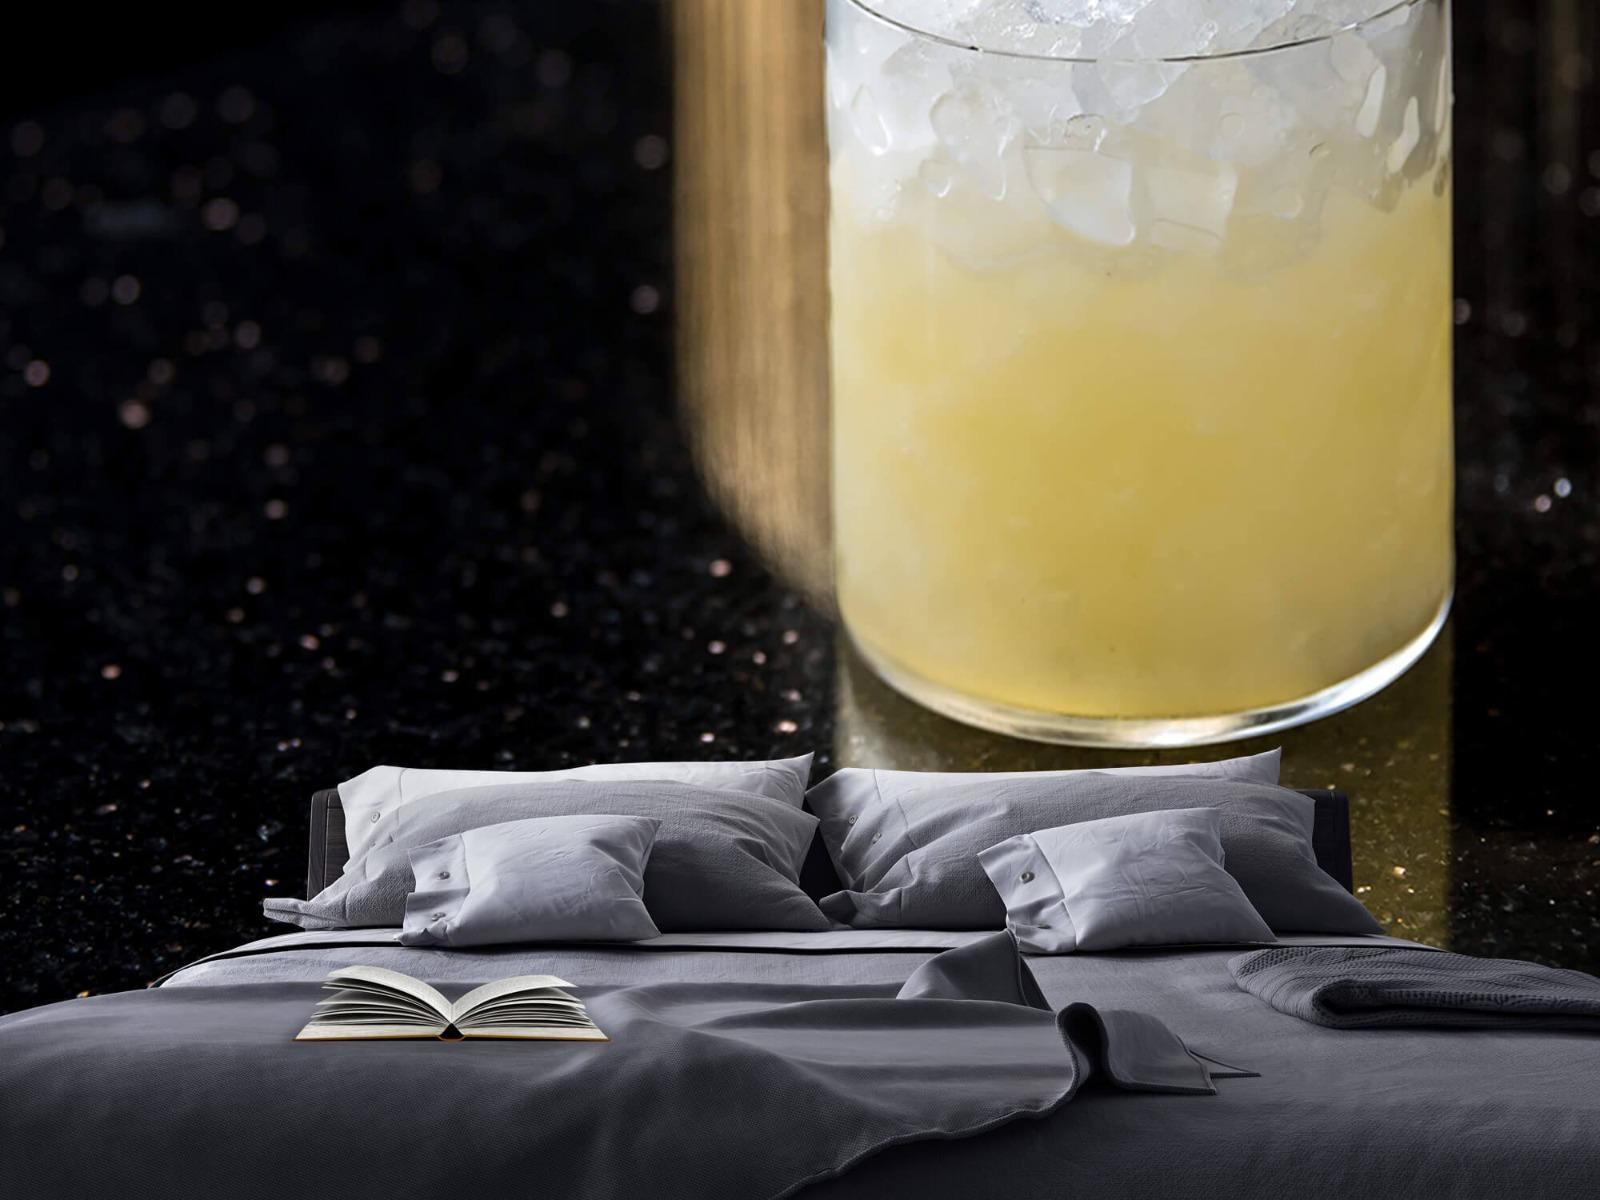 Overige - Luxe drankje - Keuken 17